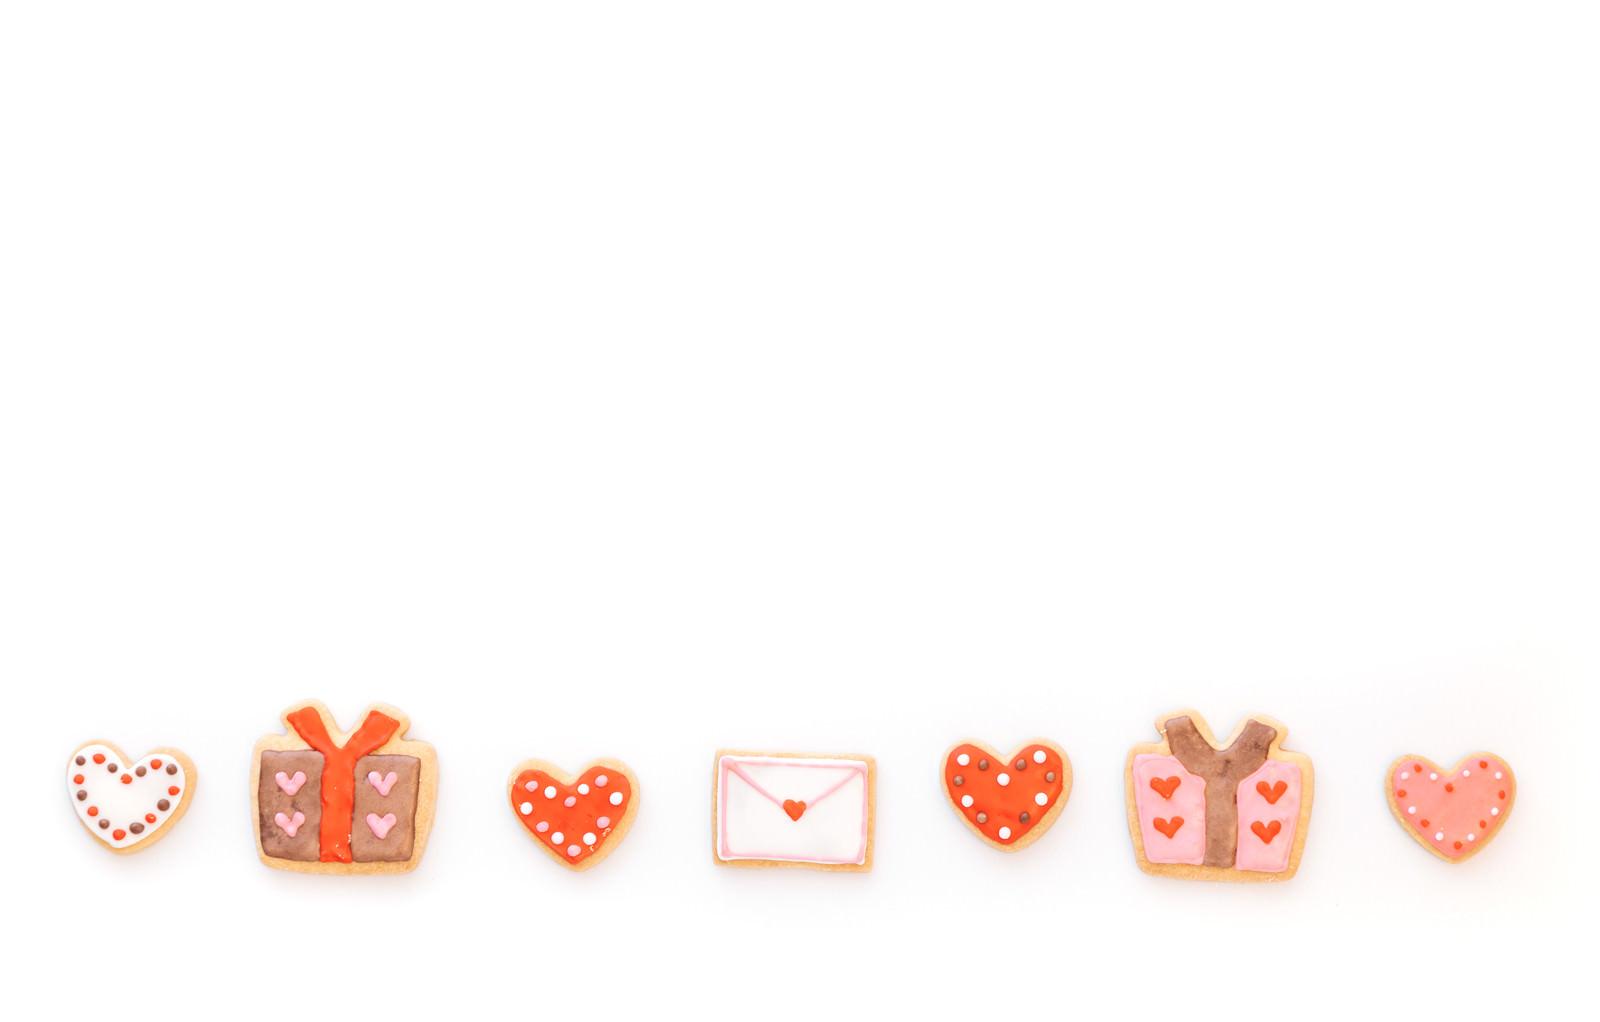 「ハート・プレゼント・ハート・ラブレターハート・プレゼント・ハート・ラブレター」のフリー写真素材を拡大